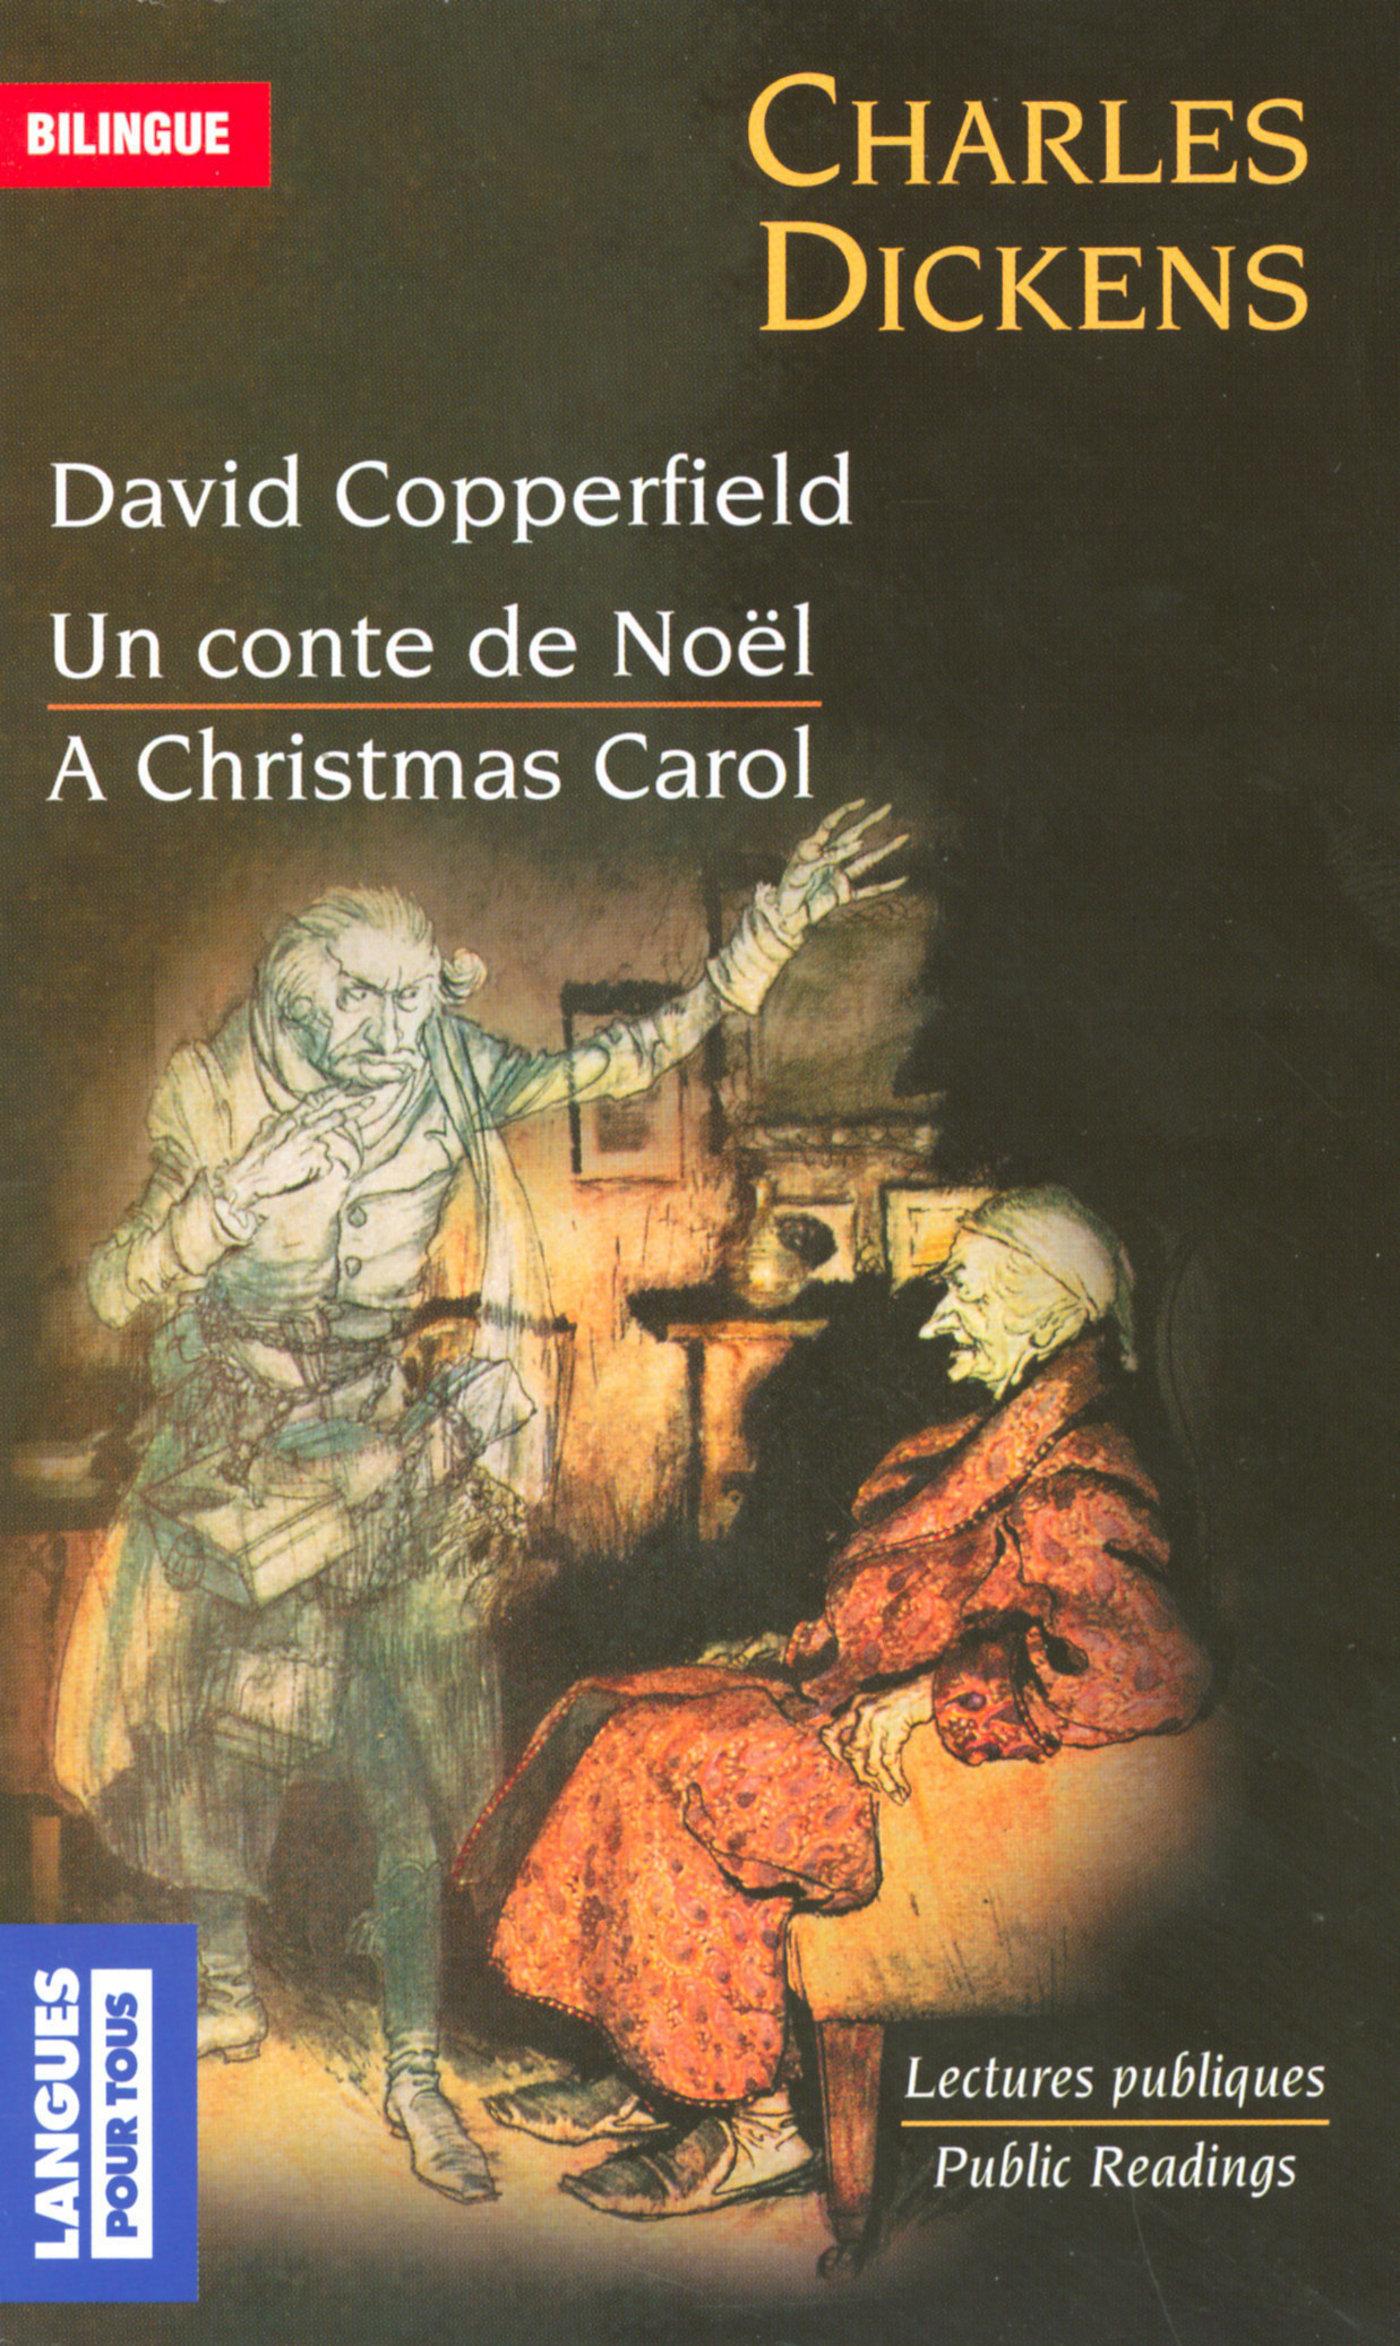 David Copperfield - A Christmas Carol, UN CONTE DE NOEL